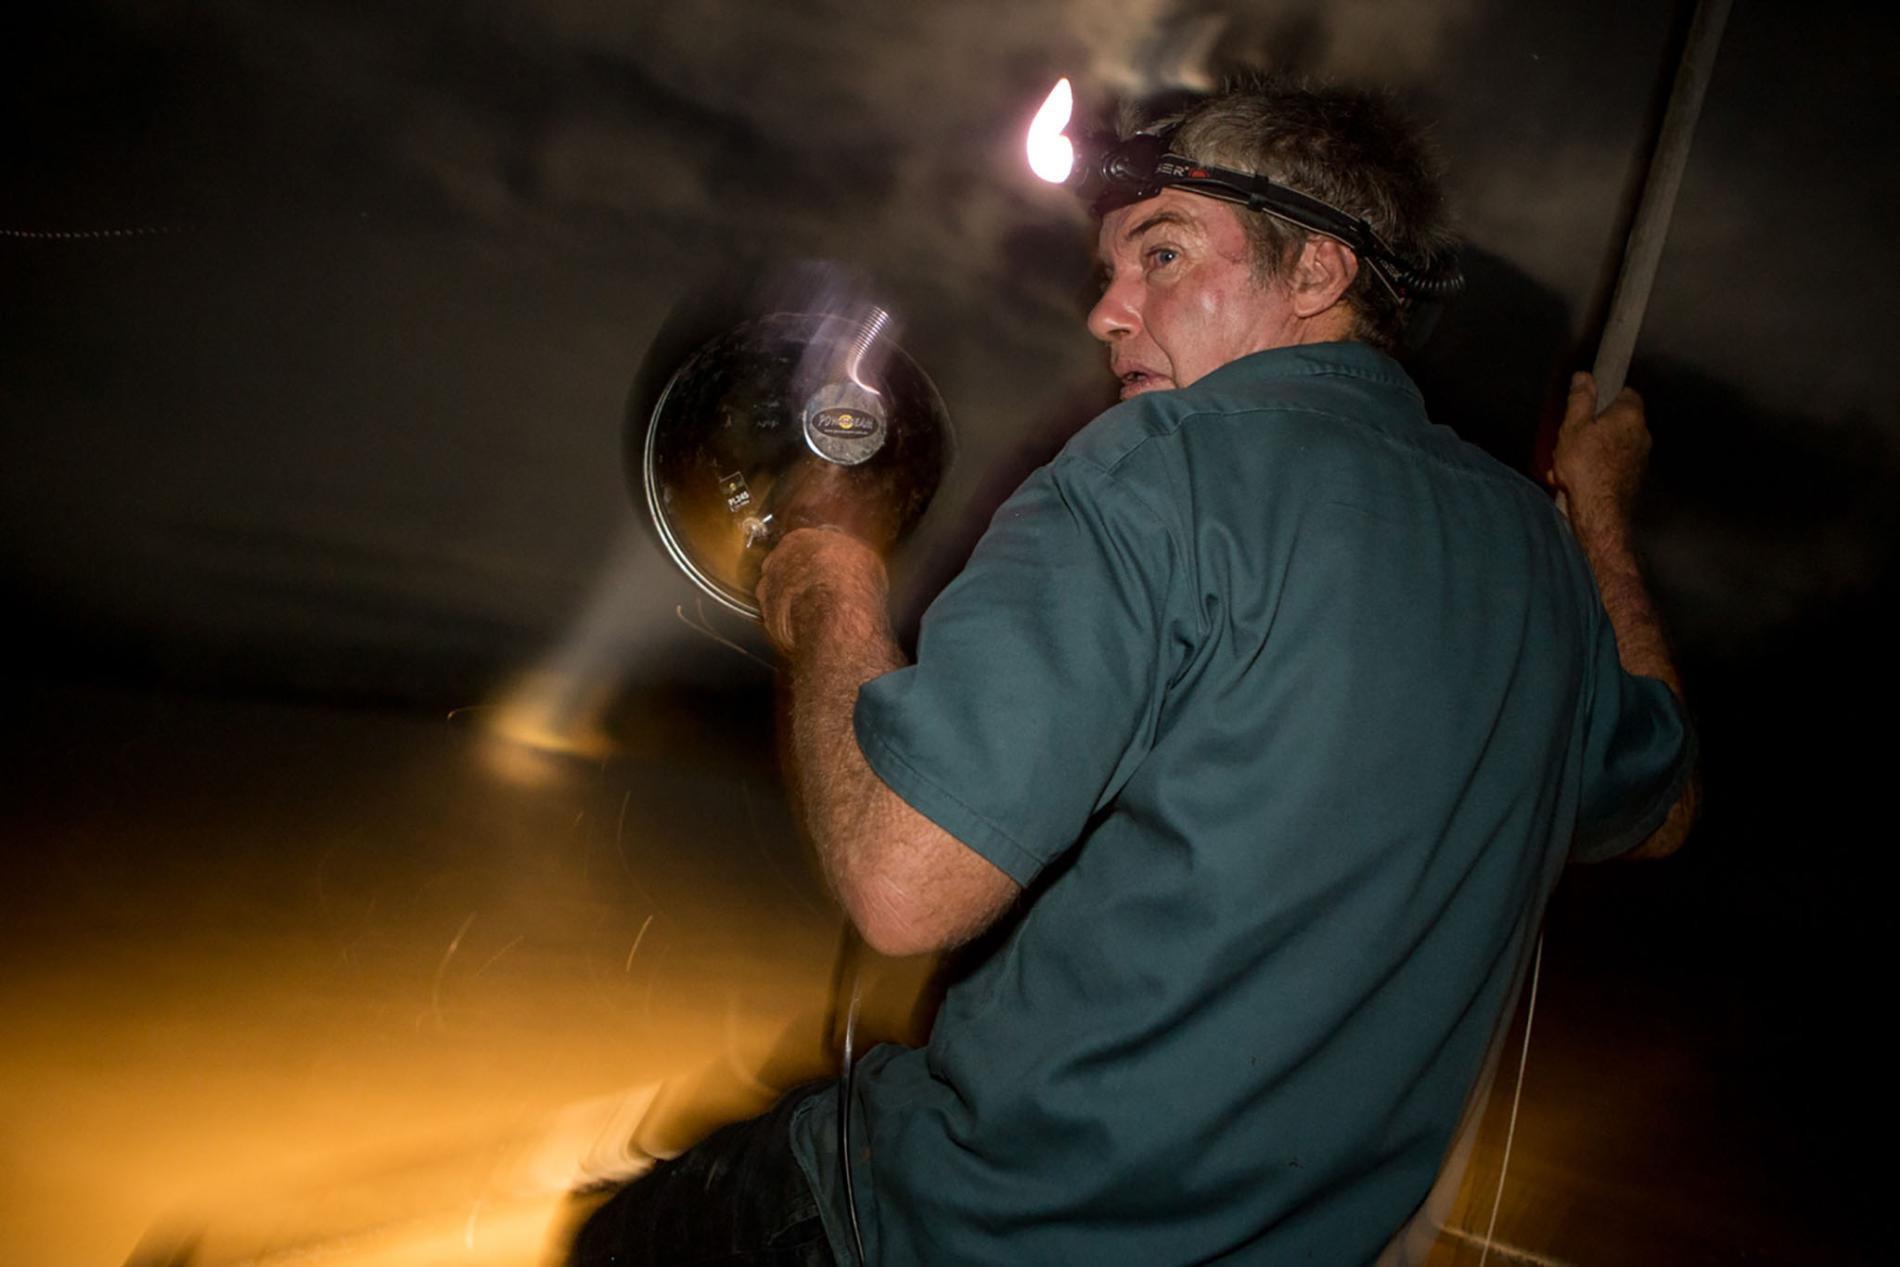 Săn cá sấu khổng lồ trên con thuyền vỏn vẹn dài 4m: Khi cuộc chiến thực sự bắt đầu! - Ảnh 10.